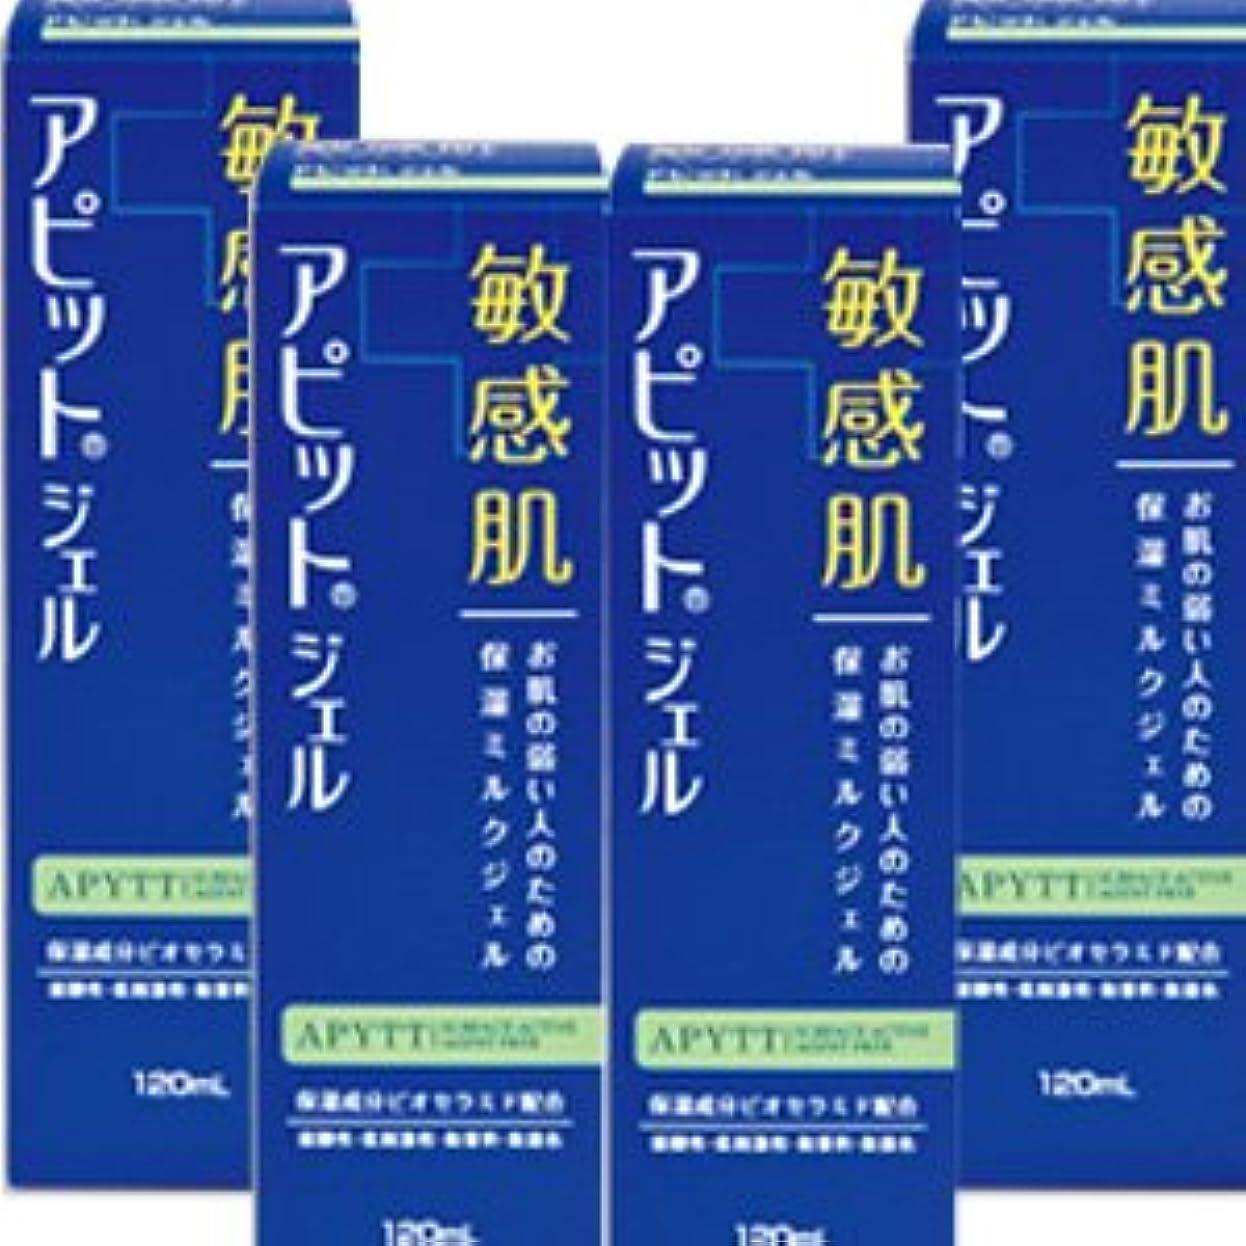 スタジオ息を切らして悪性【4個】全薬工業 アピットジェルS 120mlx4個セット (4987305034625)